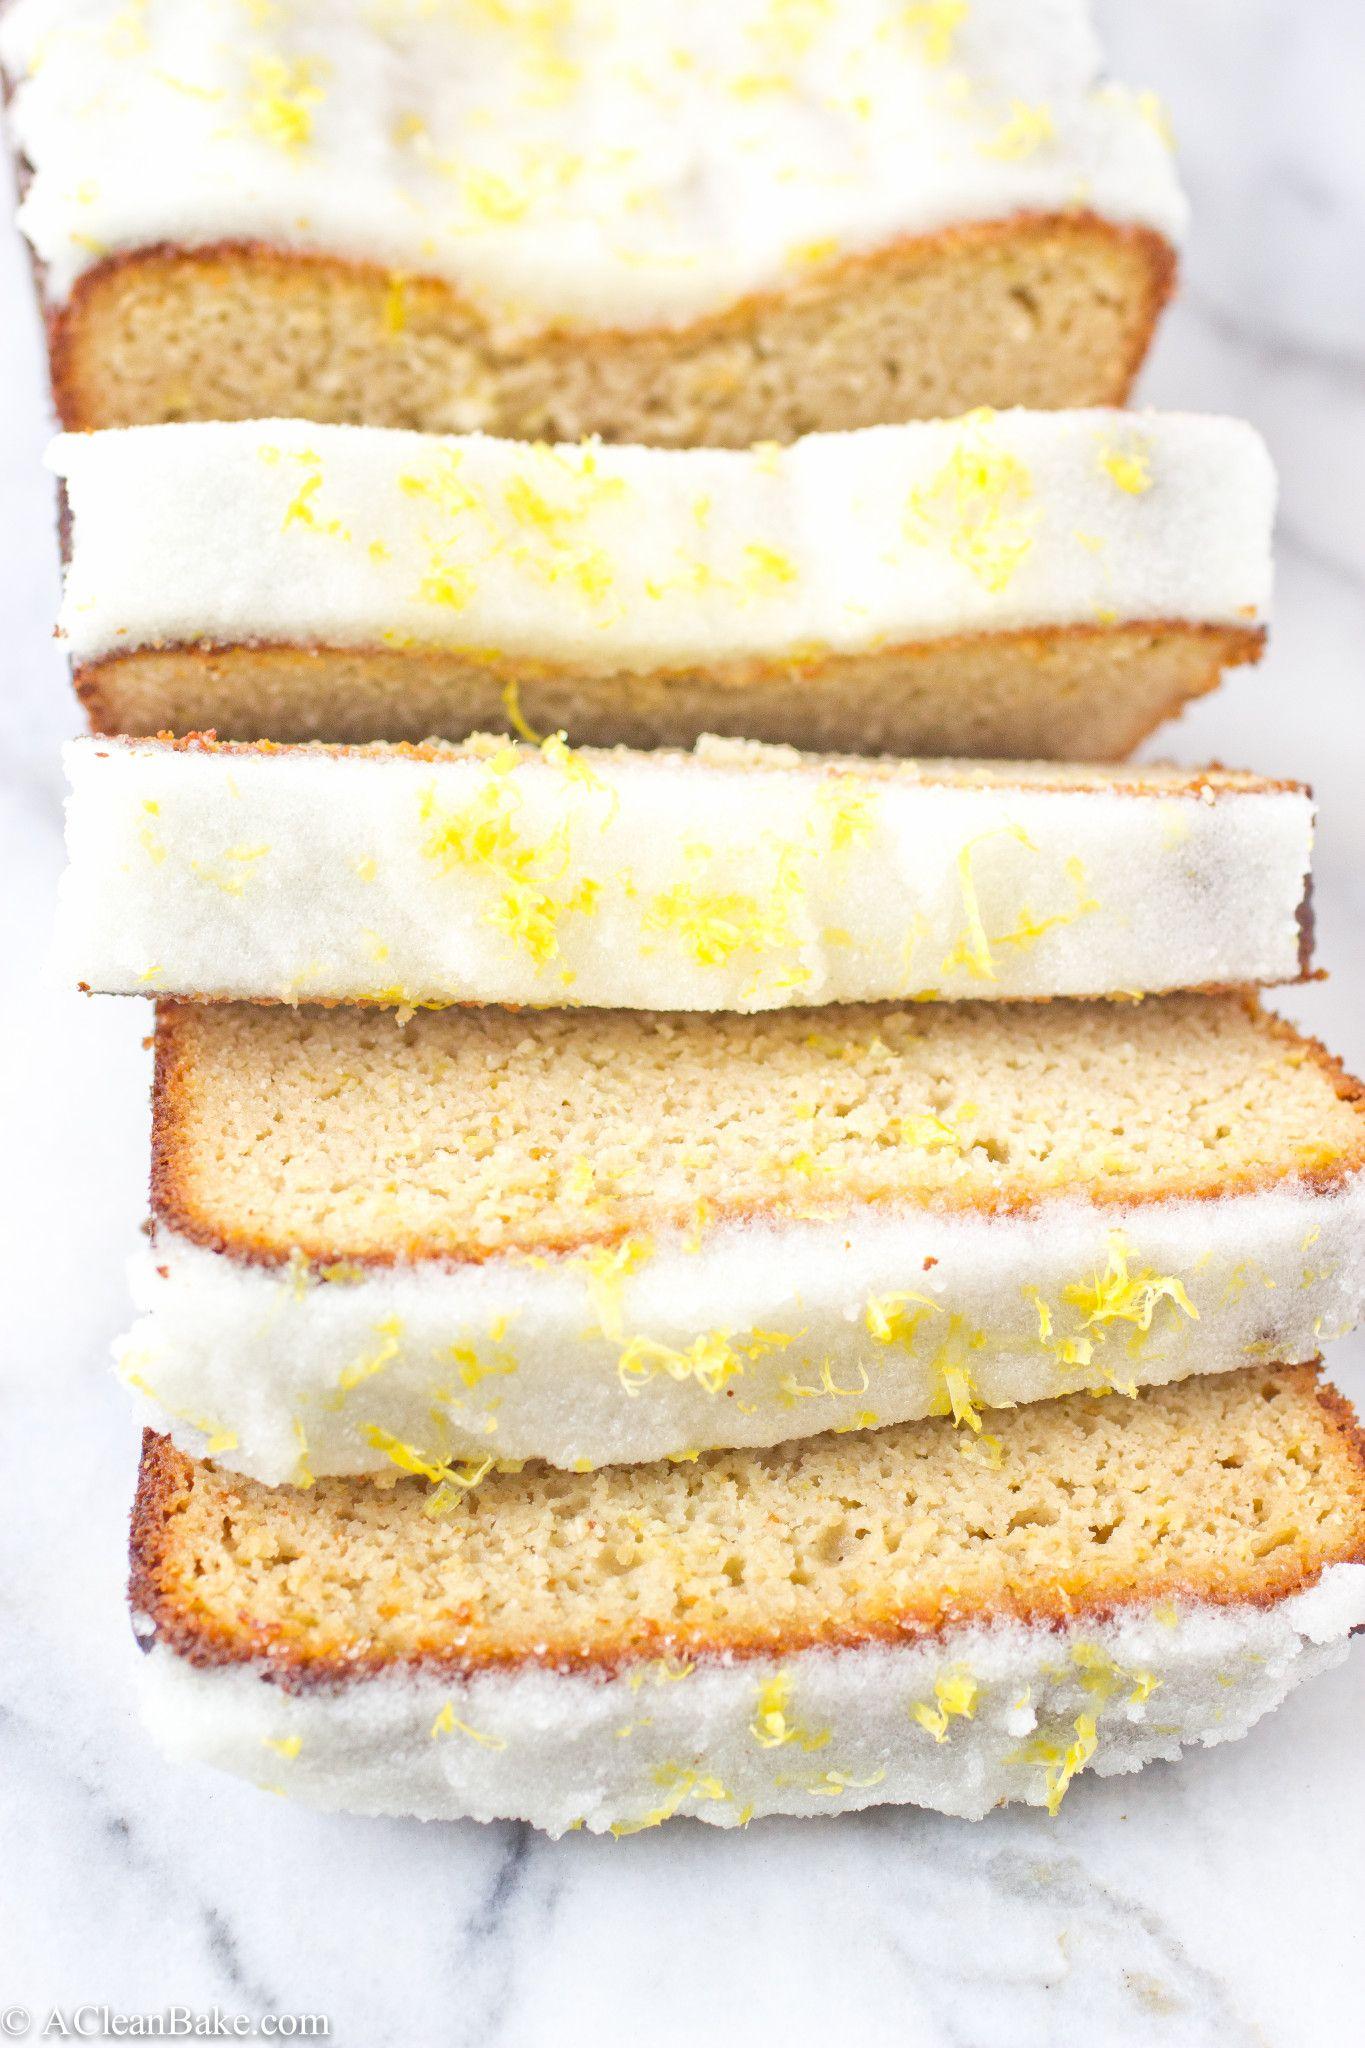 Gluten Free And Paleo Lemon Pound Cake Recipe Paleo Baking